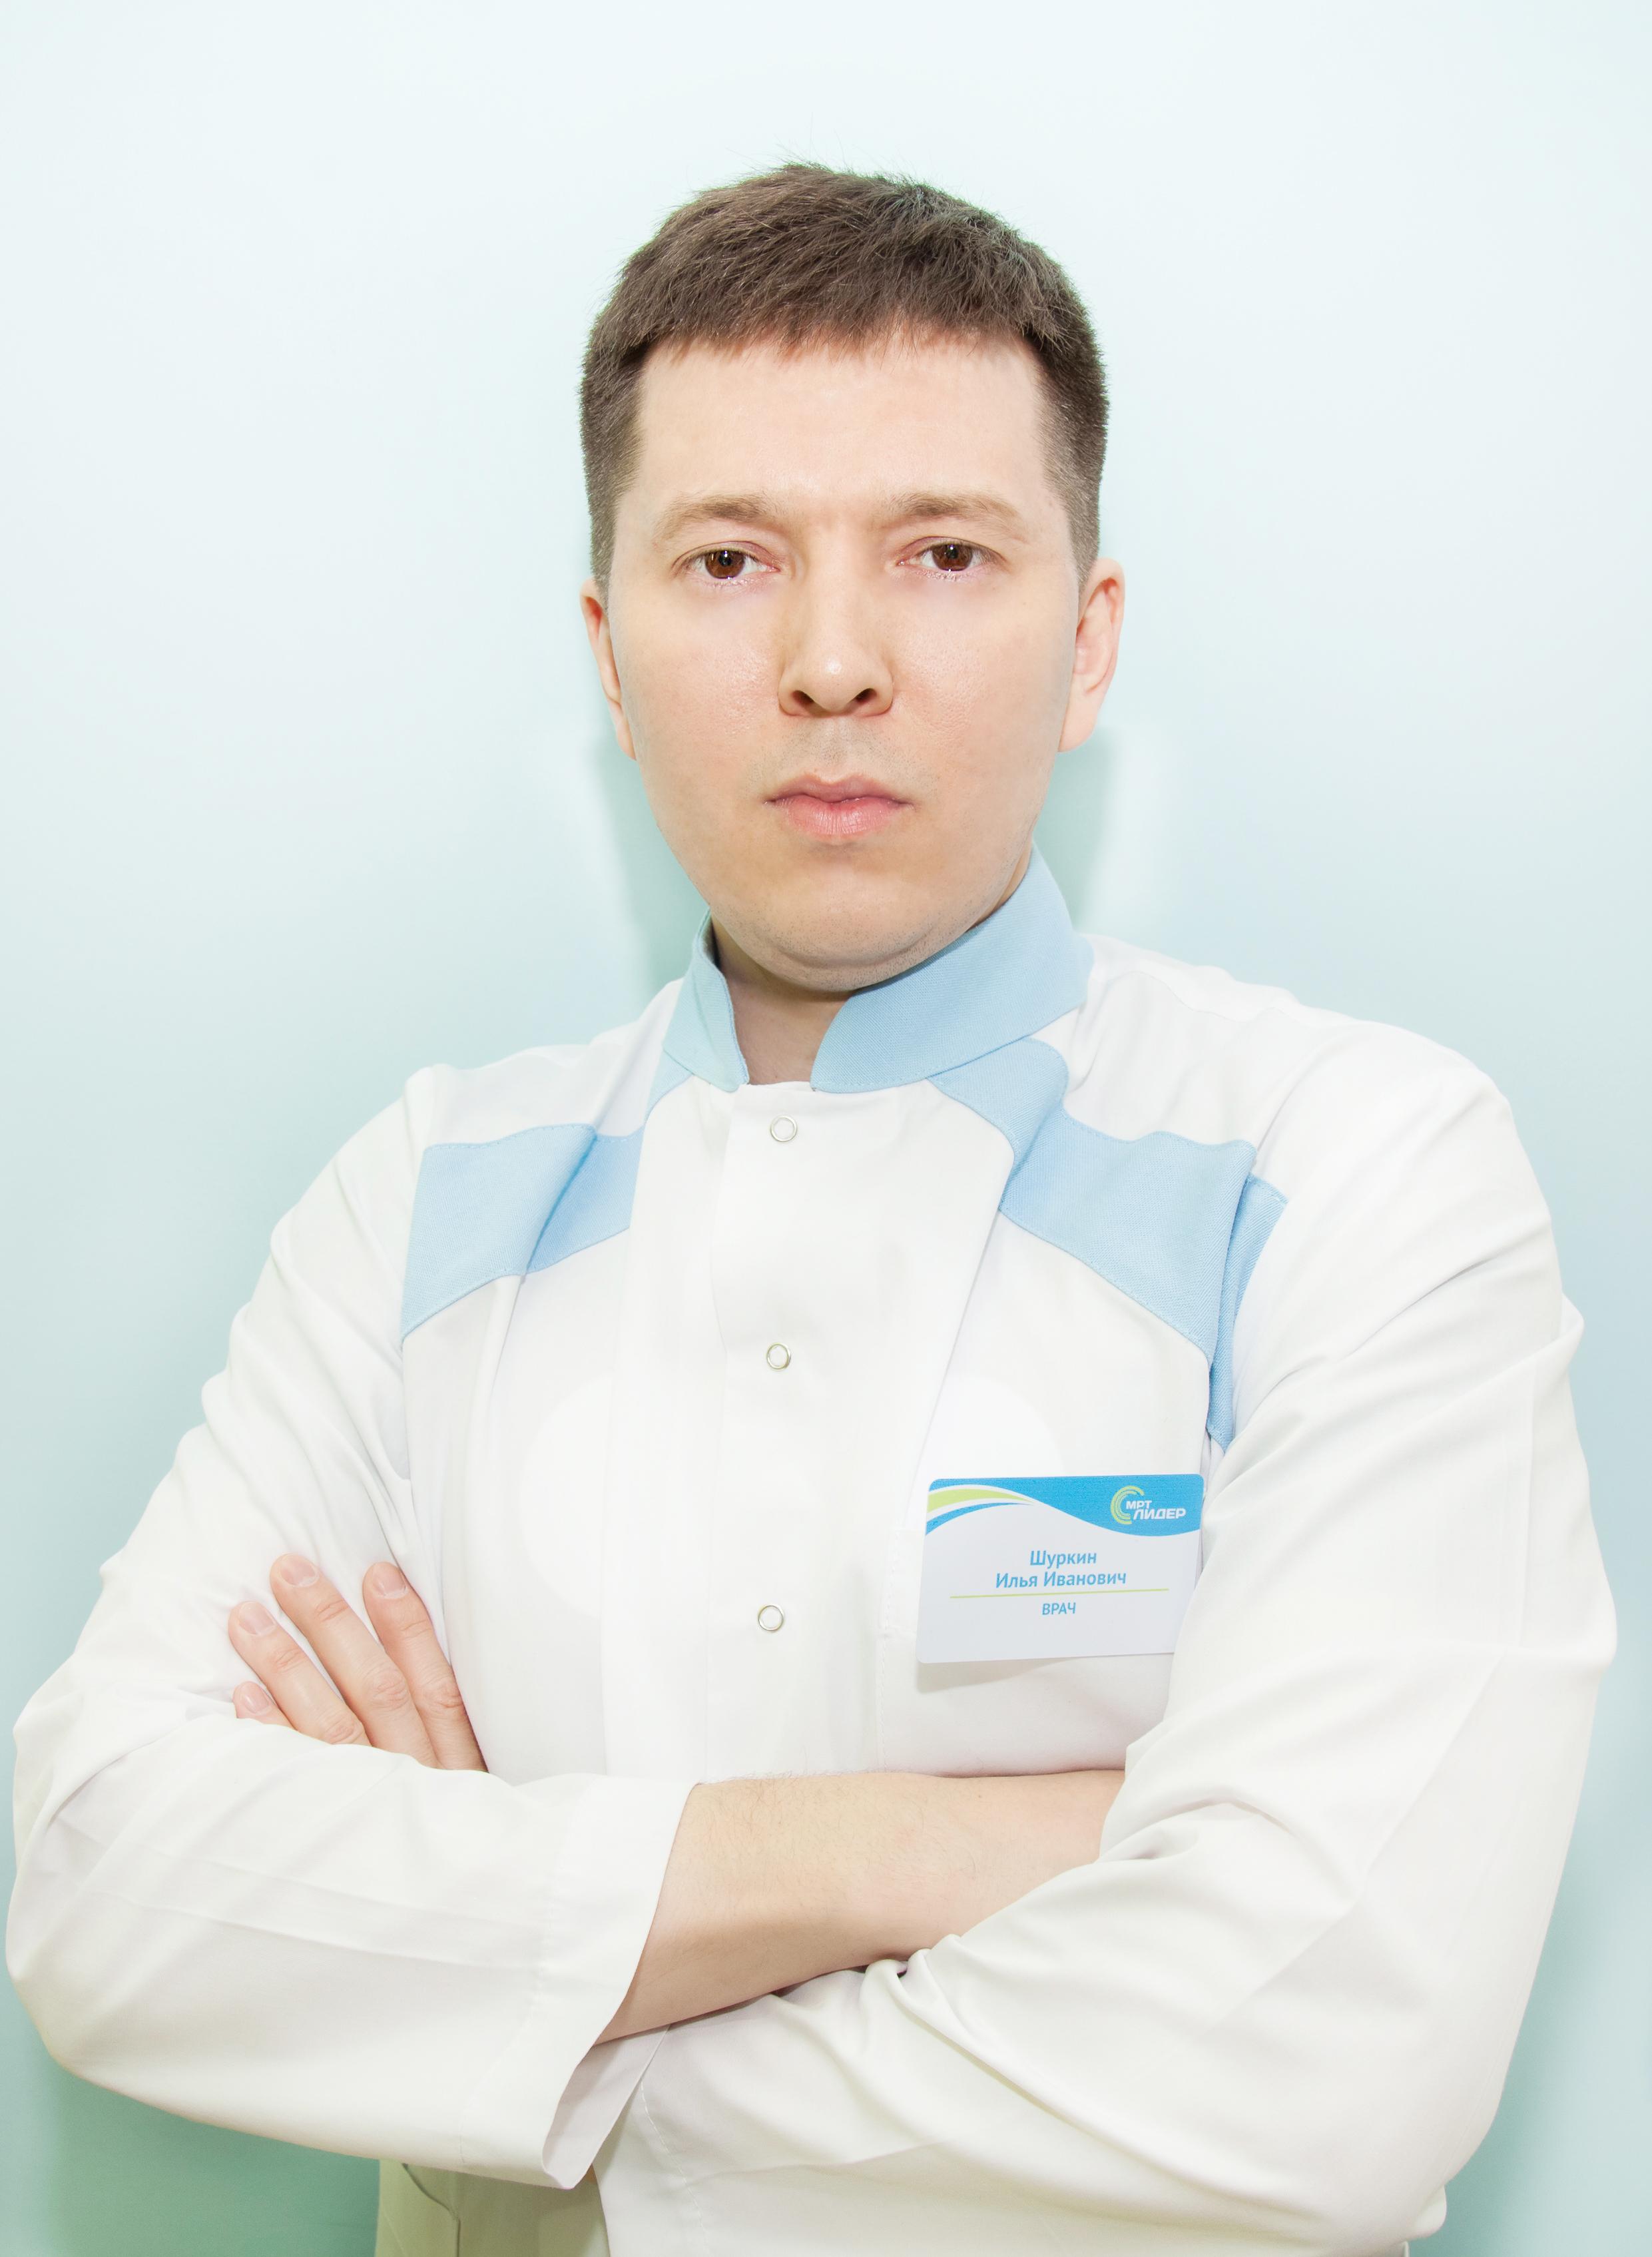 Шуркин Илья Иванович